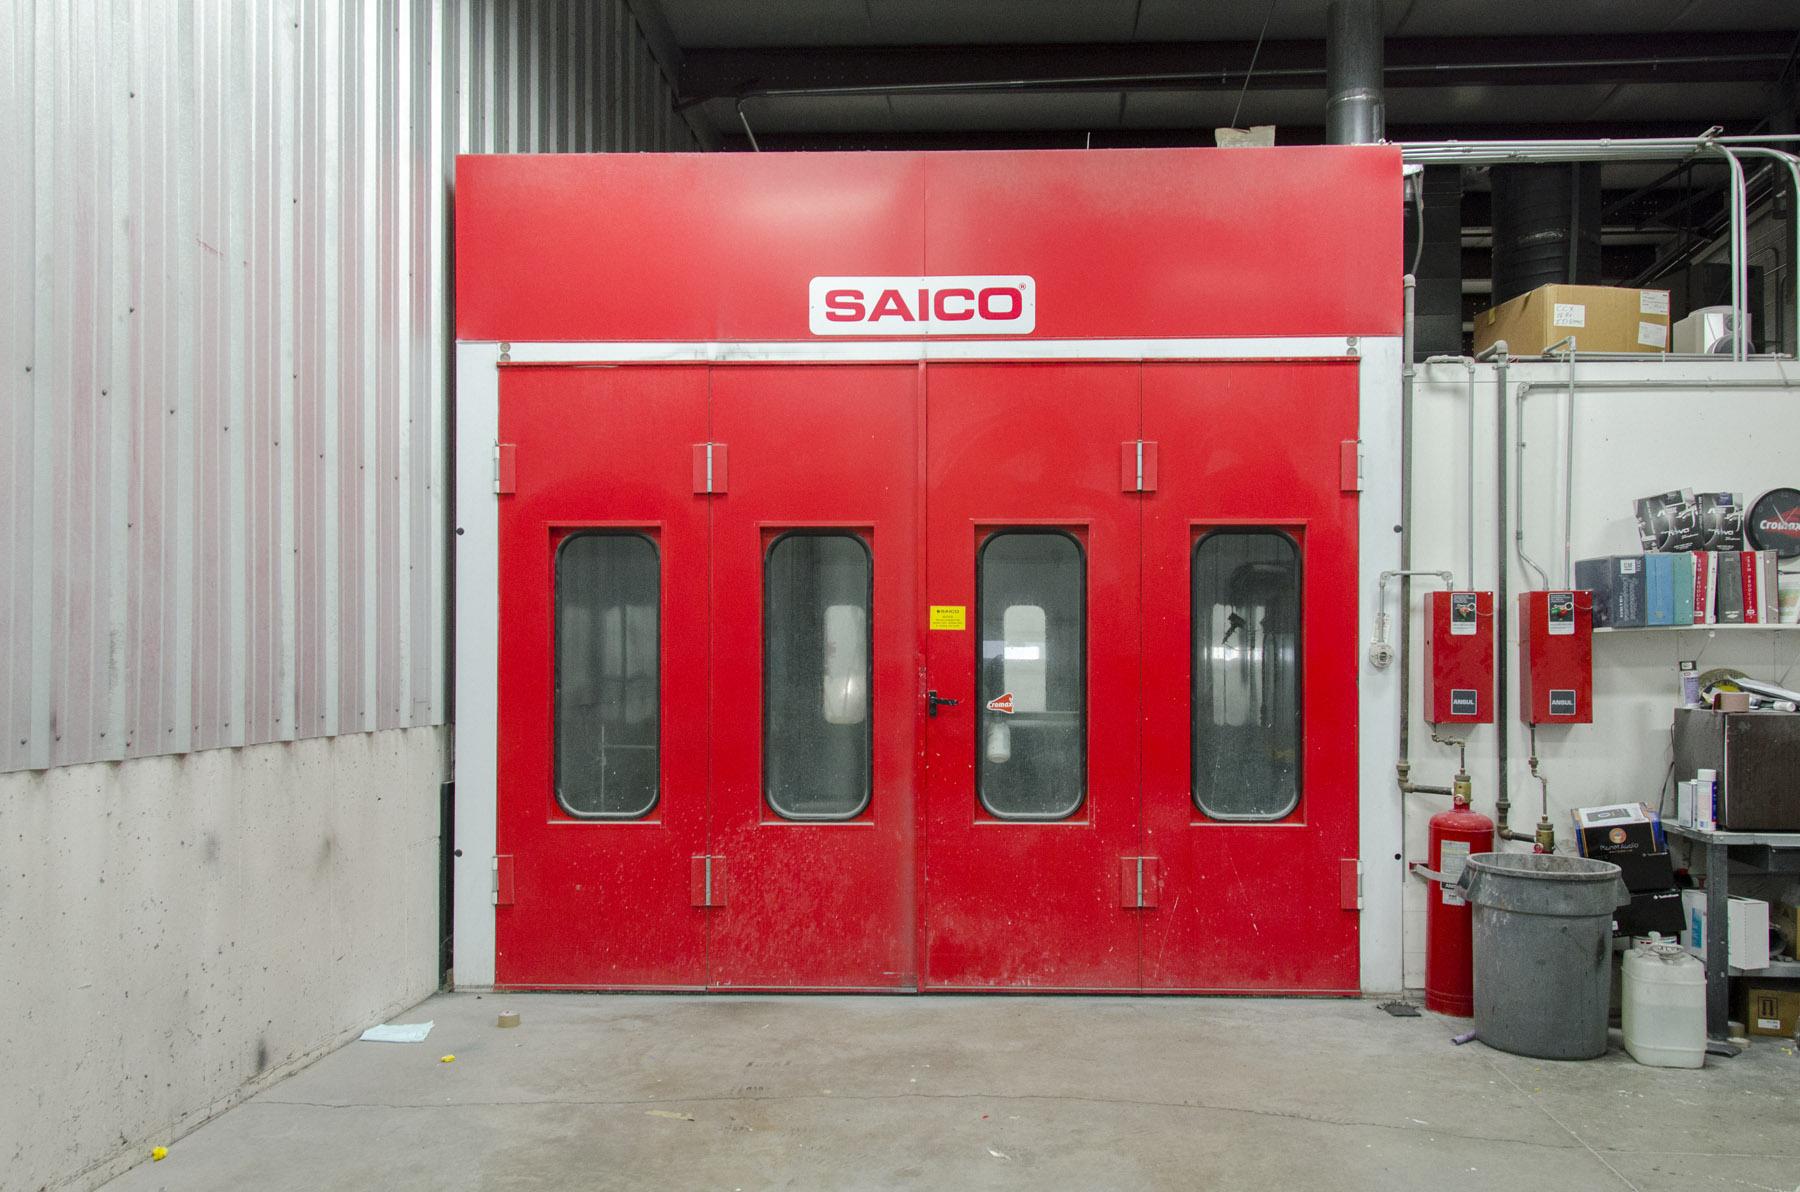 Saico Paint Oven